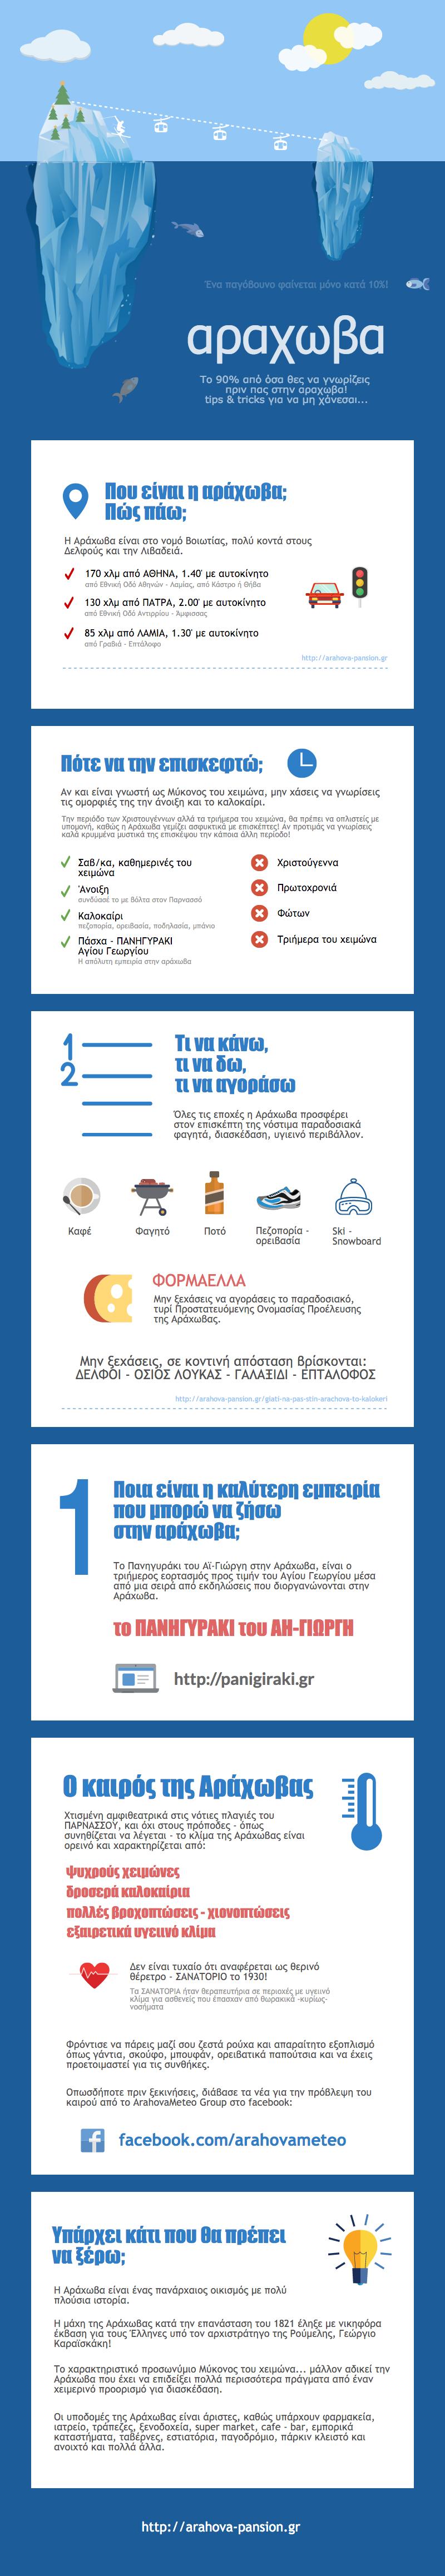 αραχωβα infographic